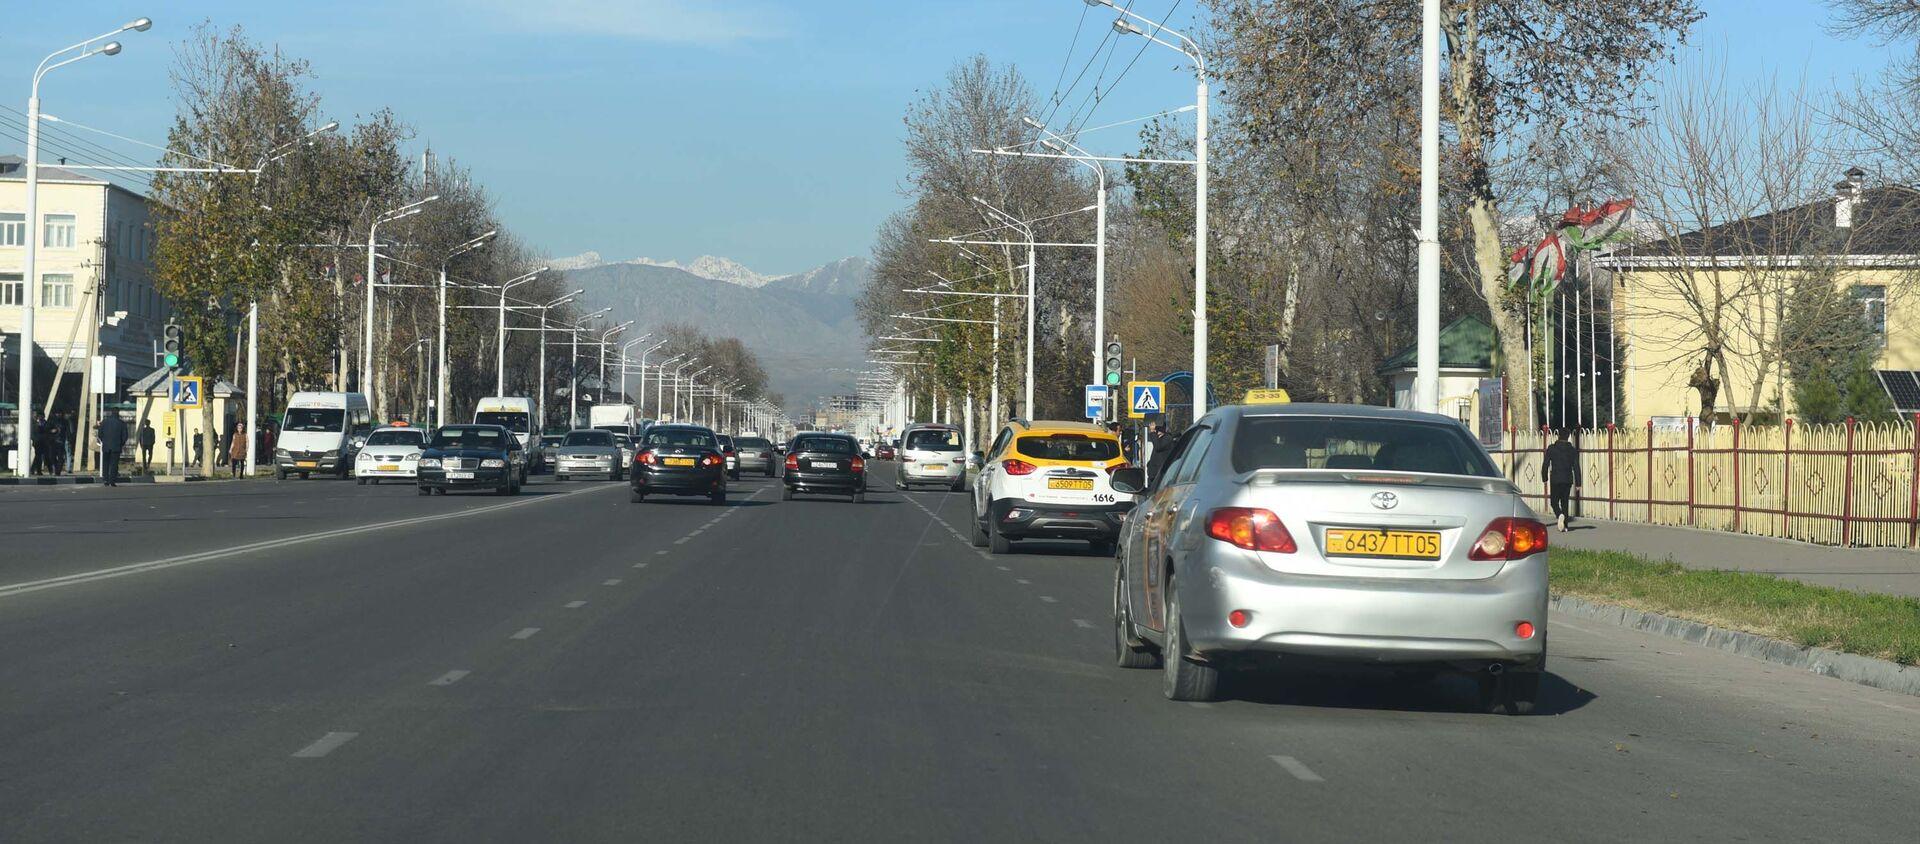 Движение на улице Душанбе - Sputnik Таджикистан, 1920, 14.07.2020